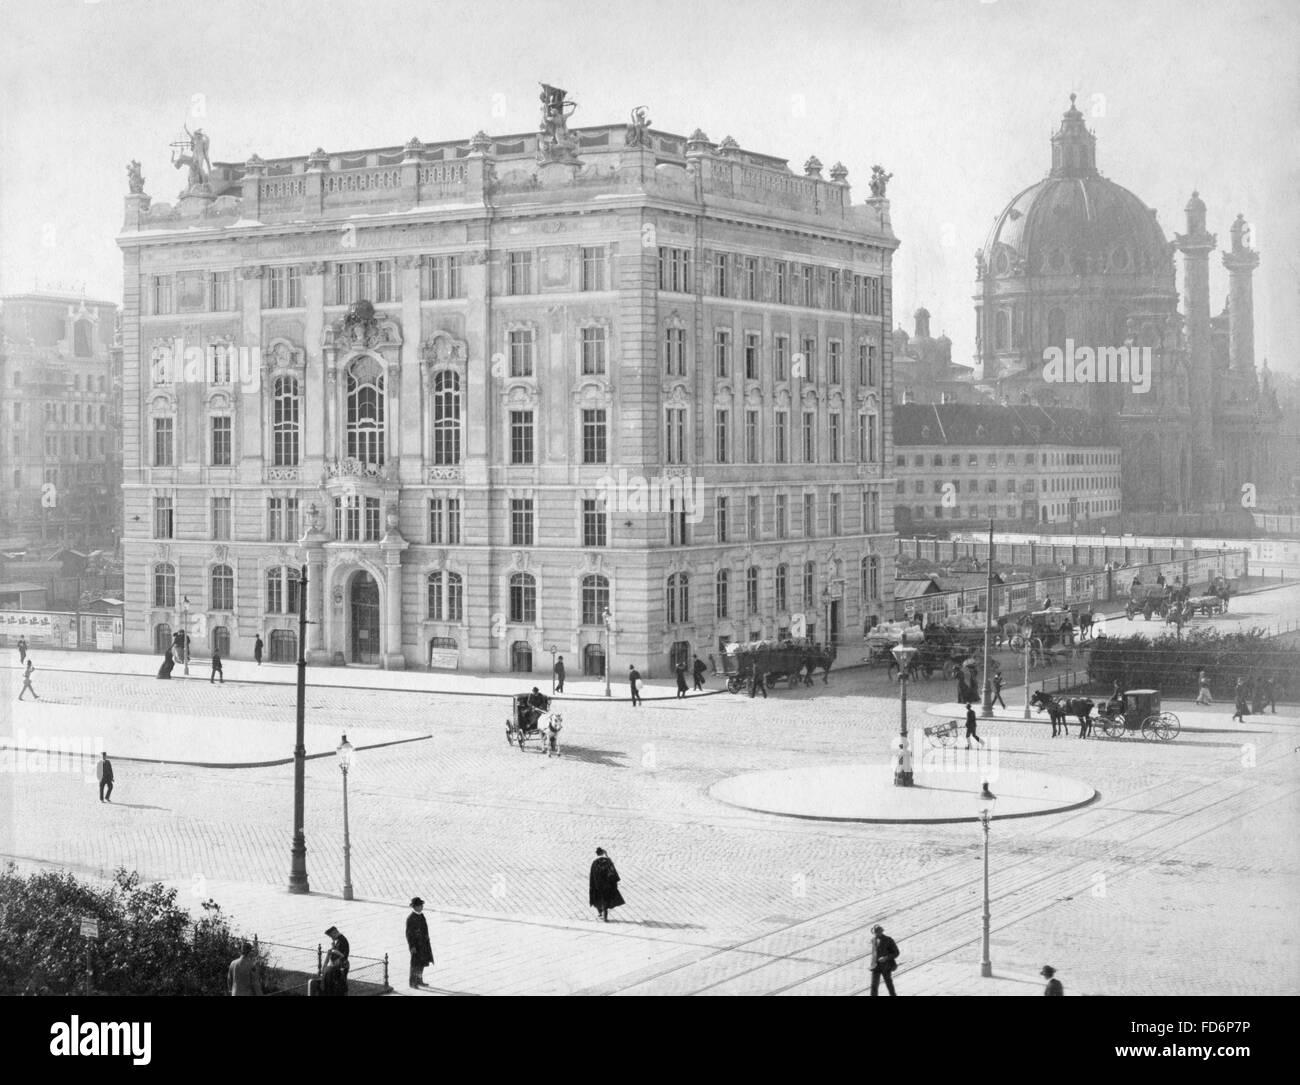 The Haus der Wiener Kaufmannschaft (House of the Merchants of Vienna) in Vienna, 1903 - Stock Image